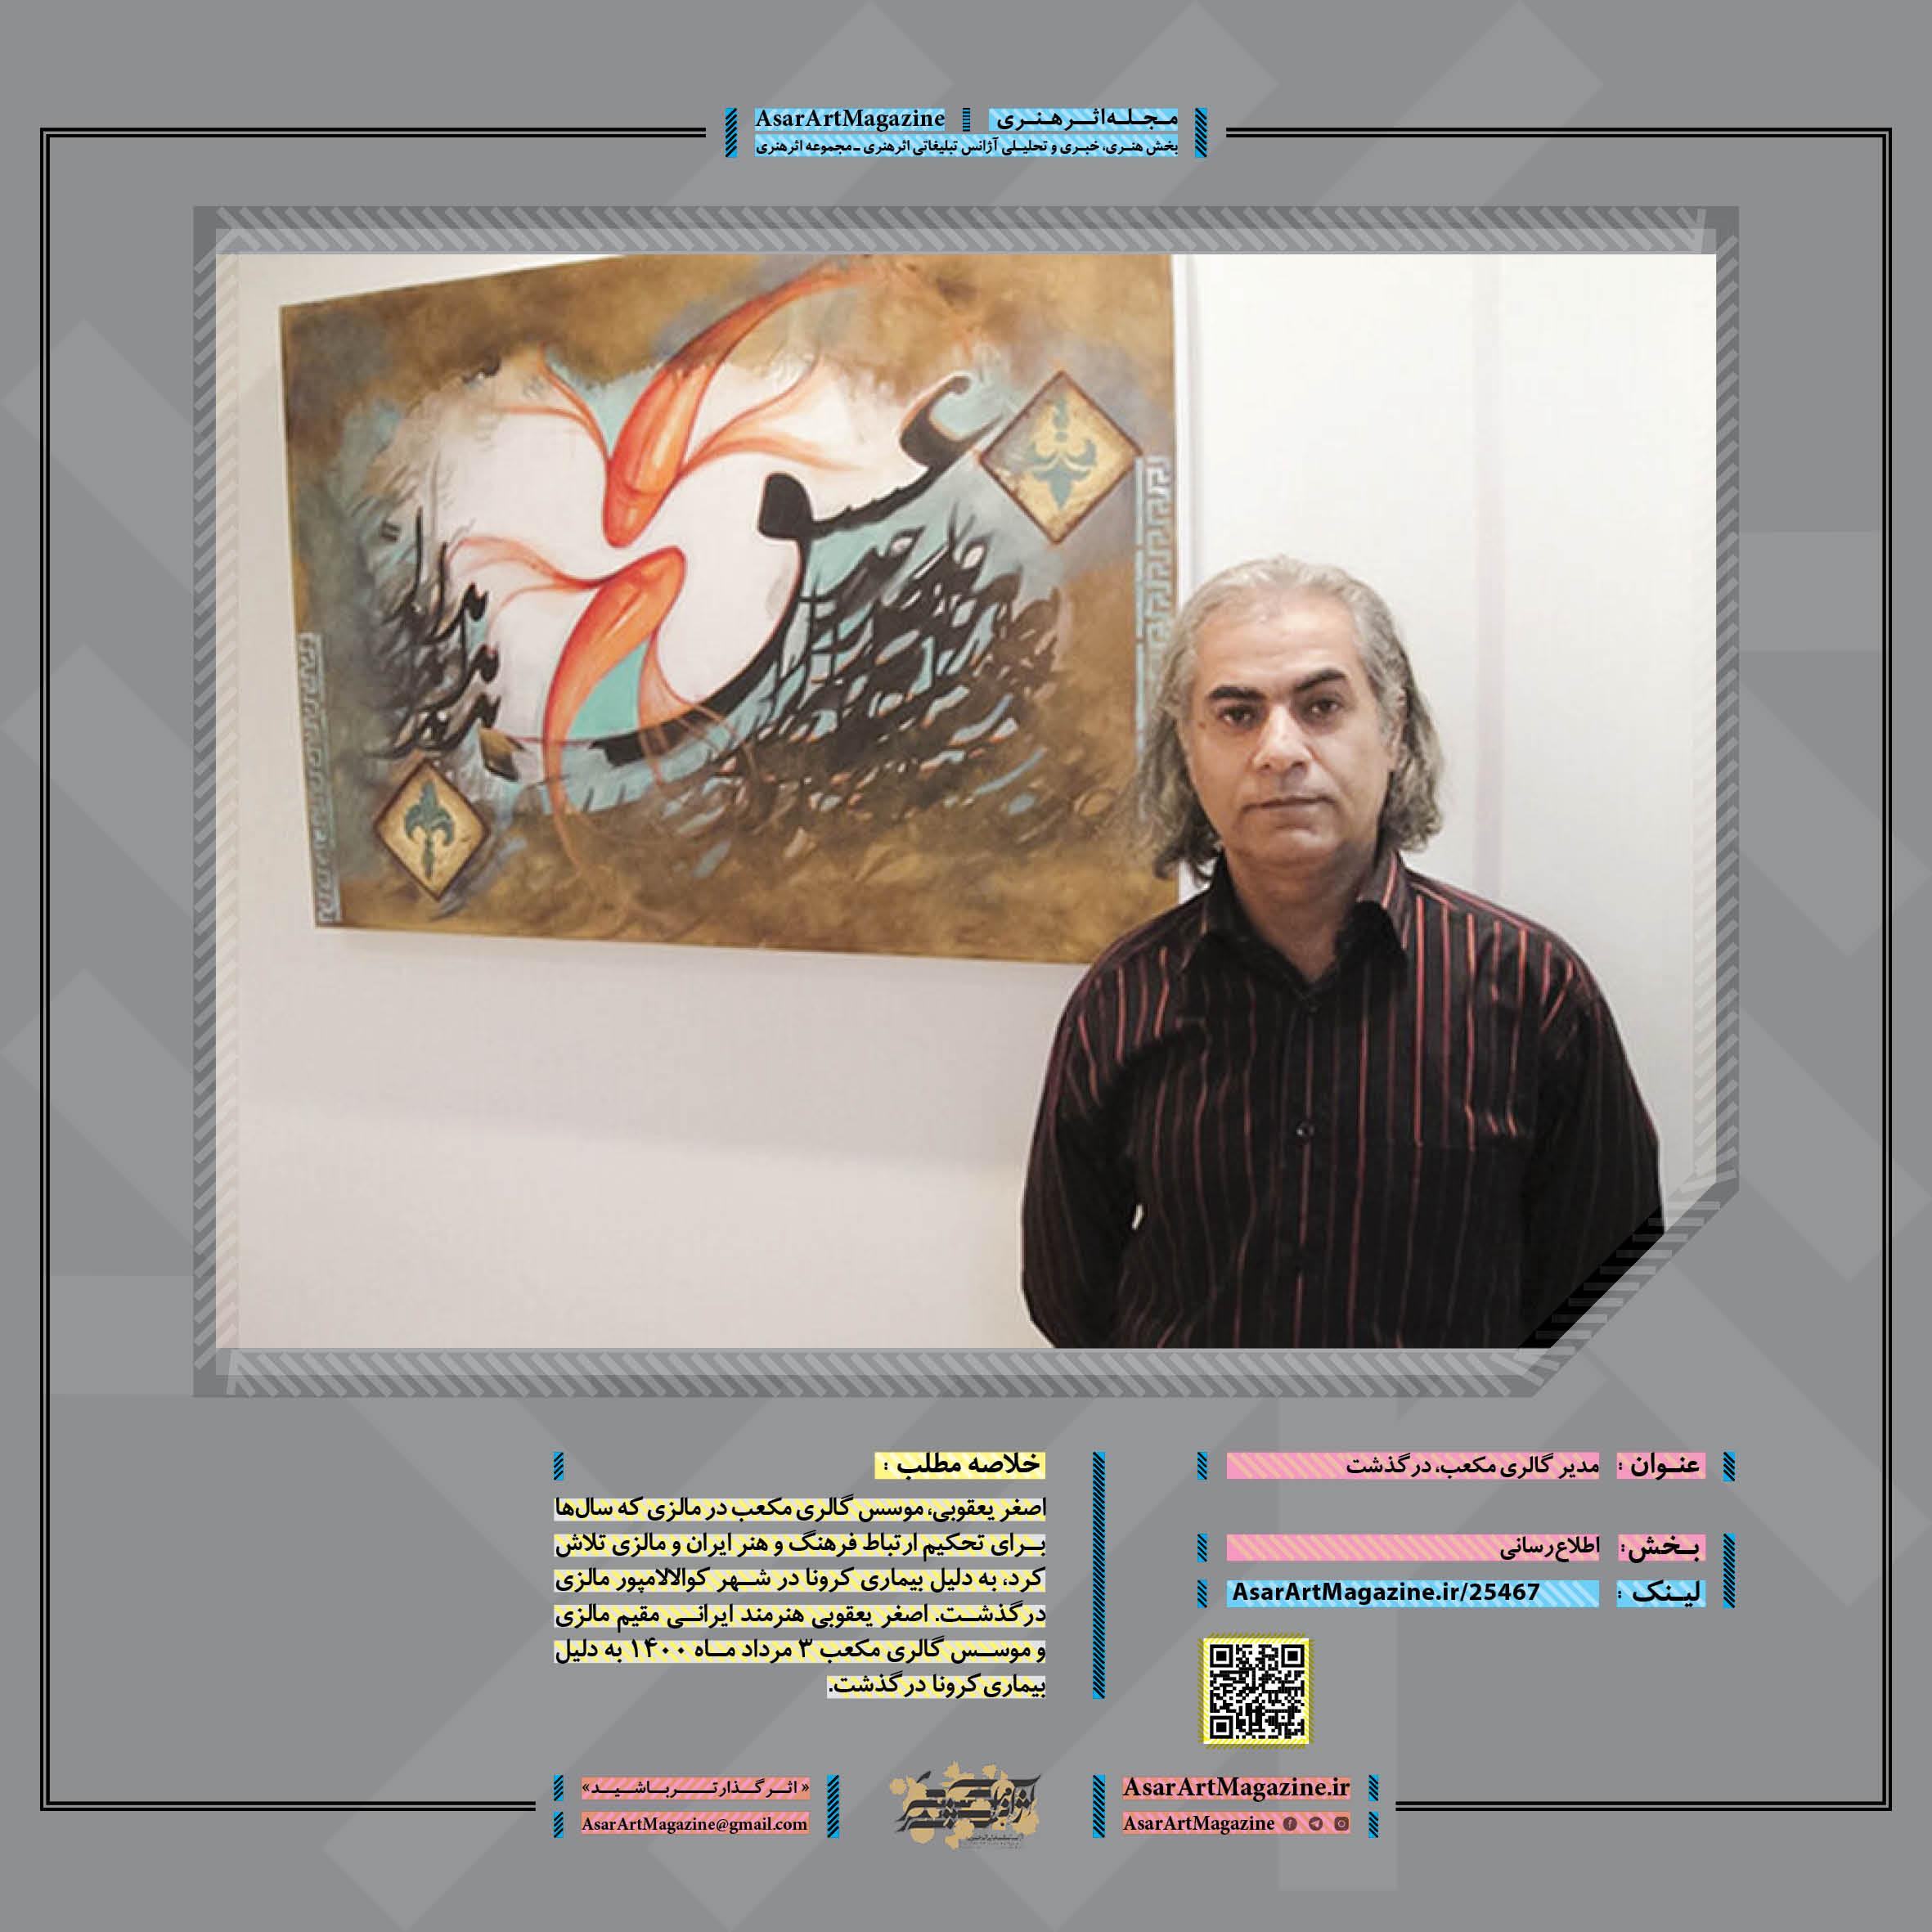 مدیر گالری مکعب، درگذشت     مجله اثرهنری، بخش هنری، خبری و تحلیلی مجموعه اثرهنری   مجله اثر هنری  ـ «اثرگذارتر باشید»